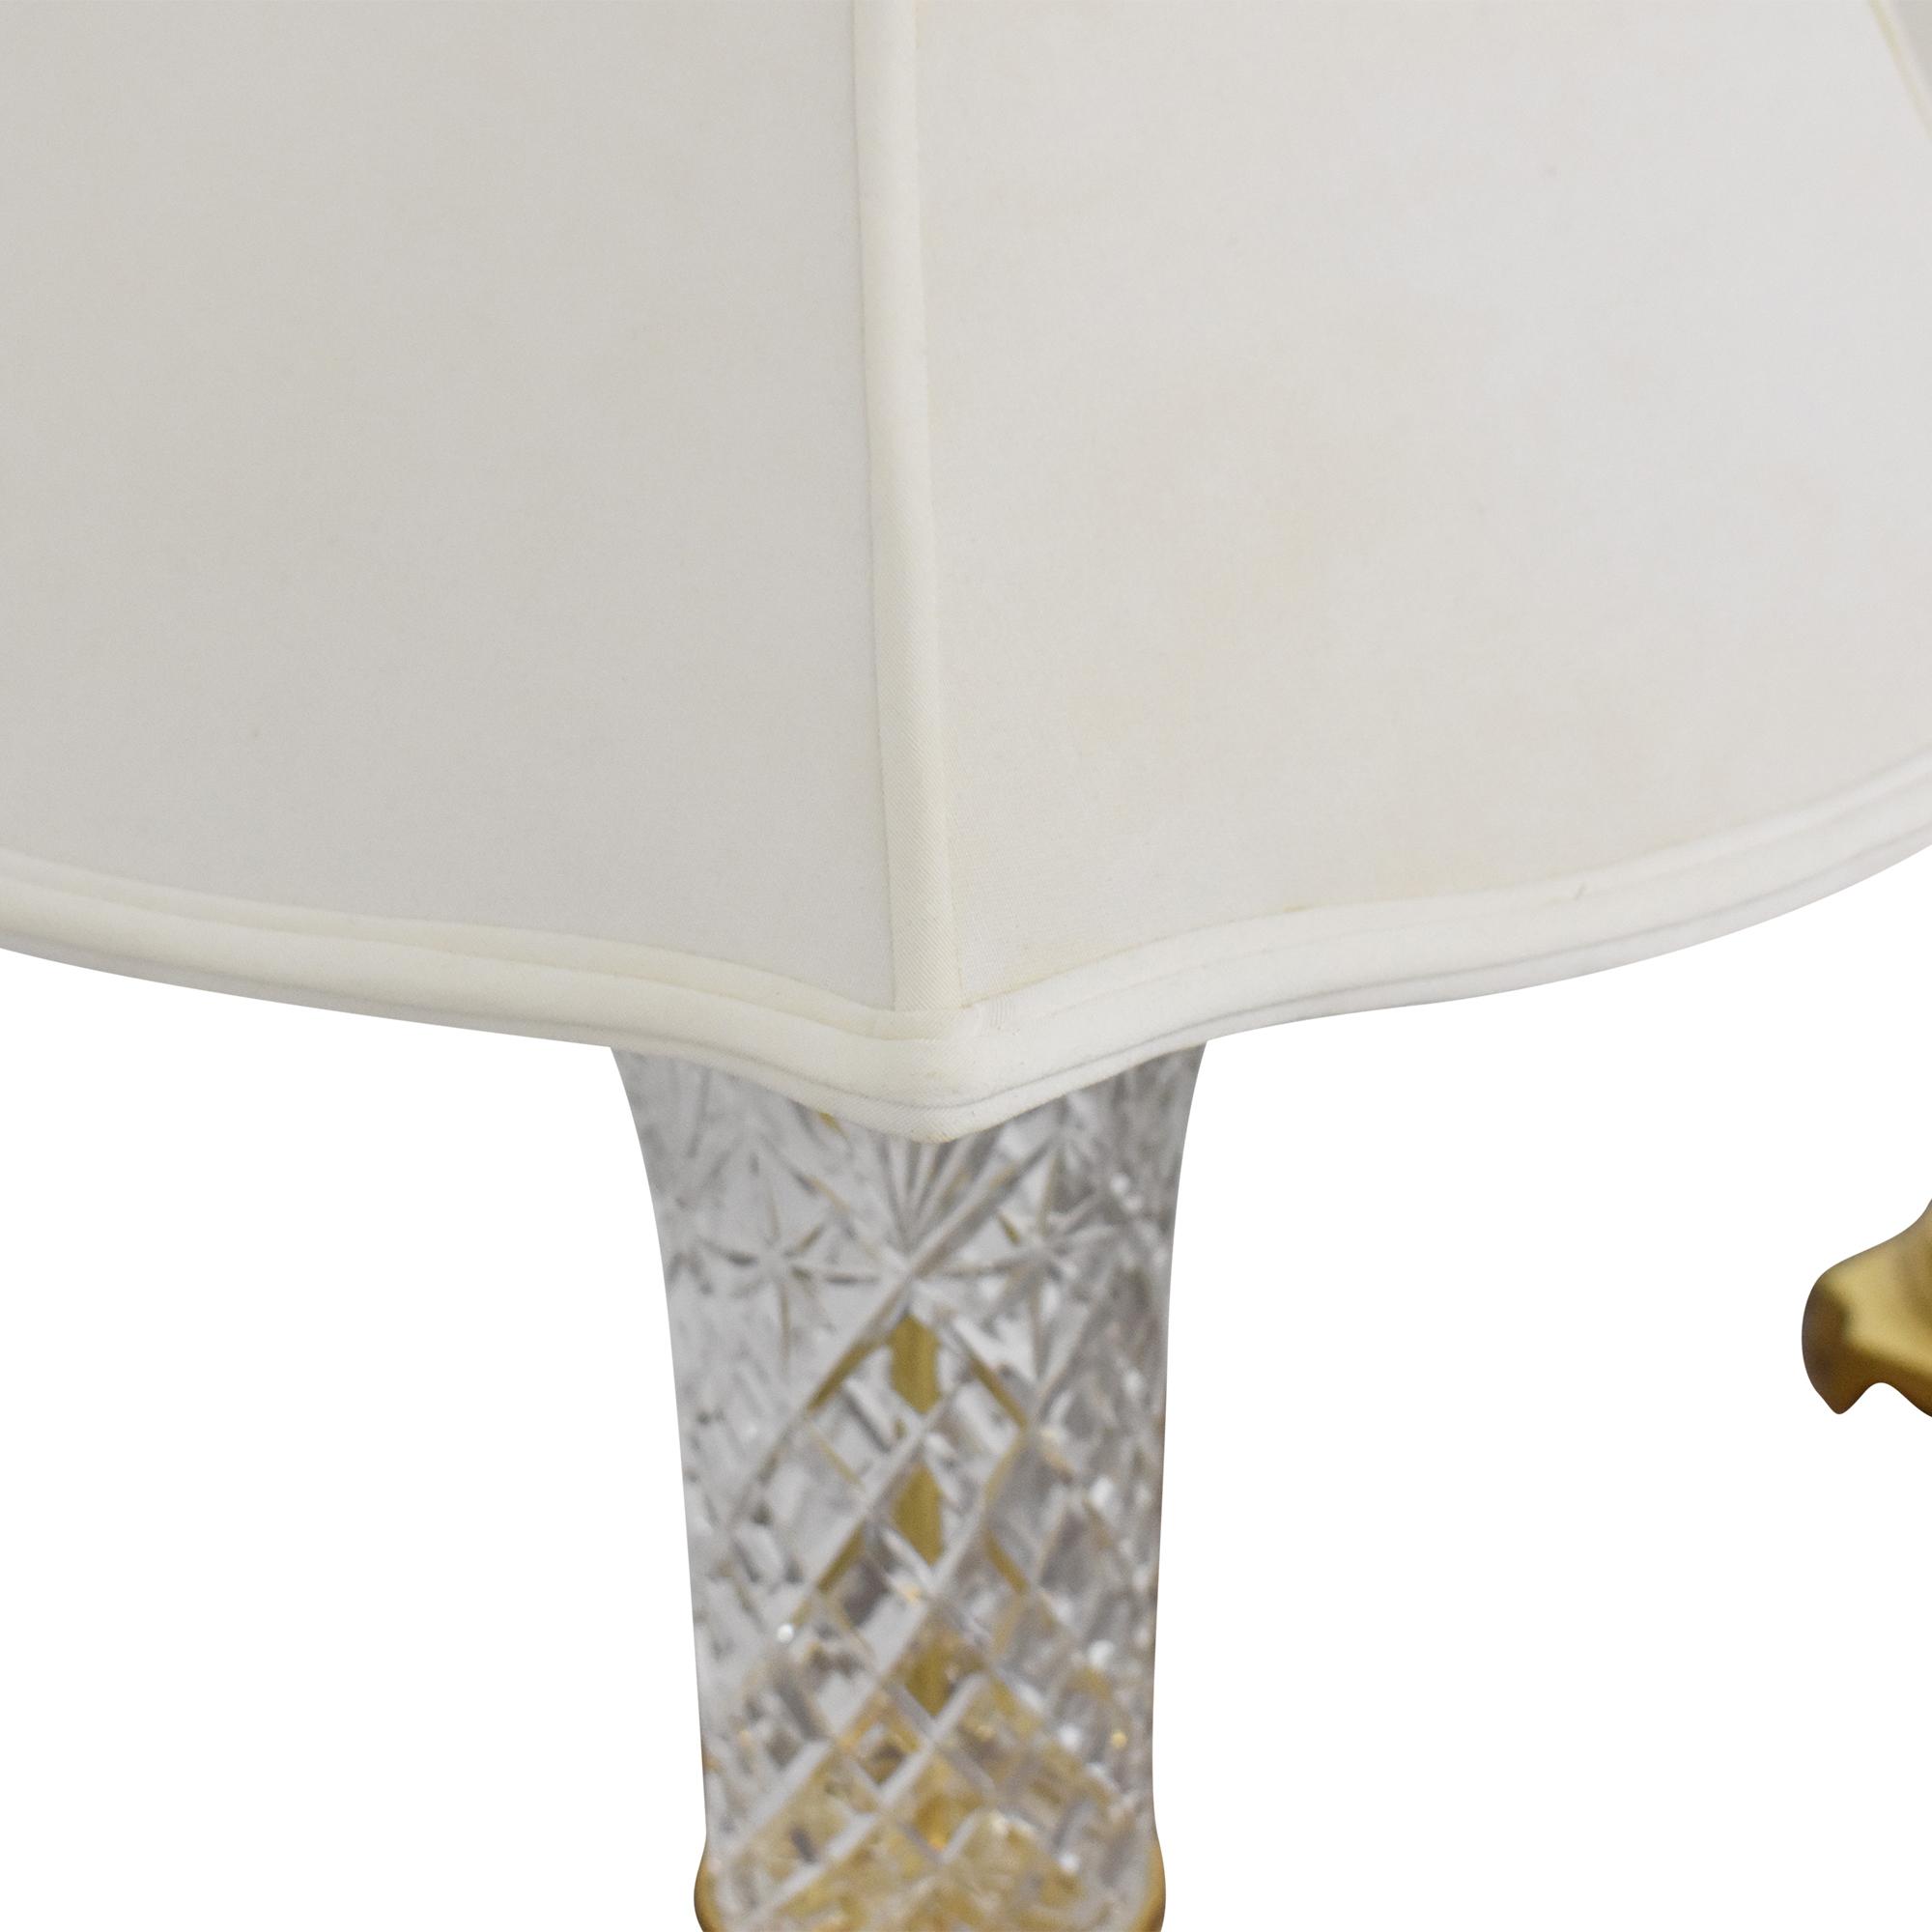 Wildwood Wildwood Table Lamps used